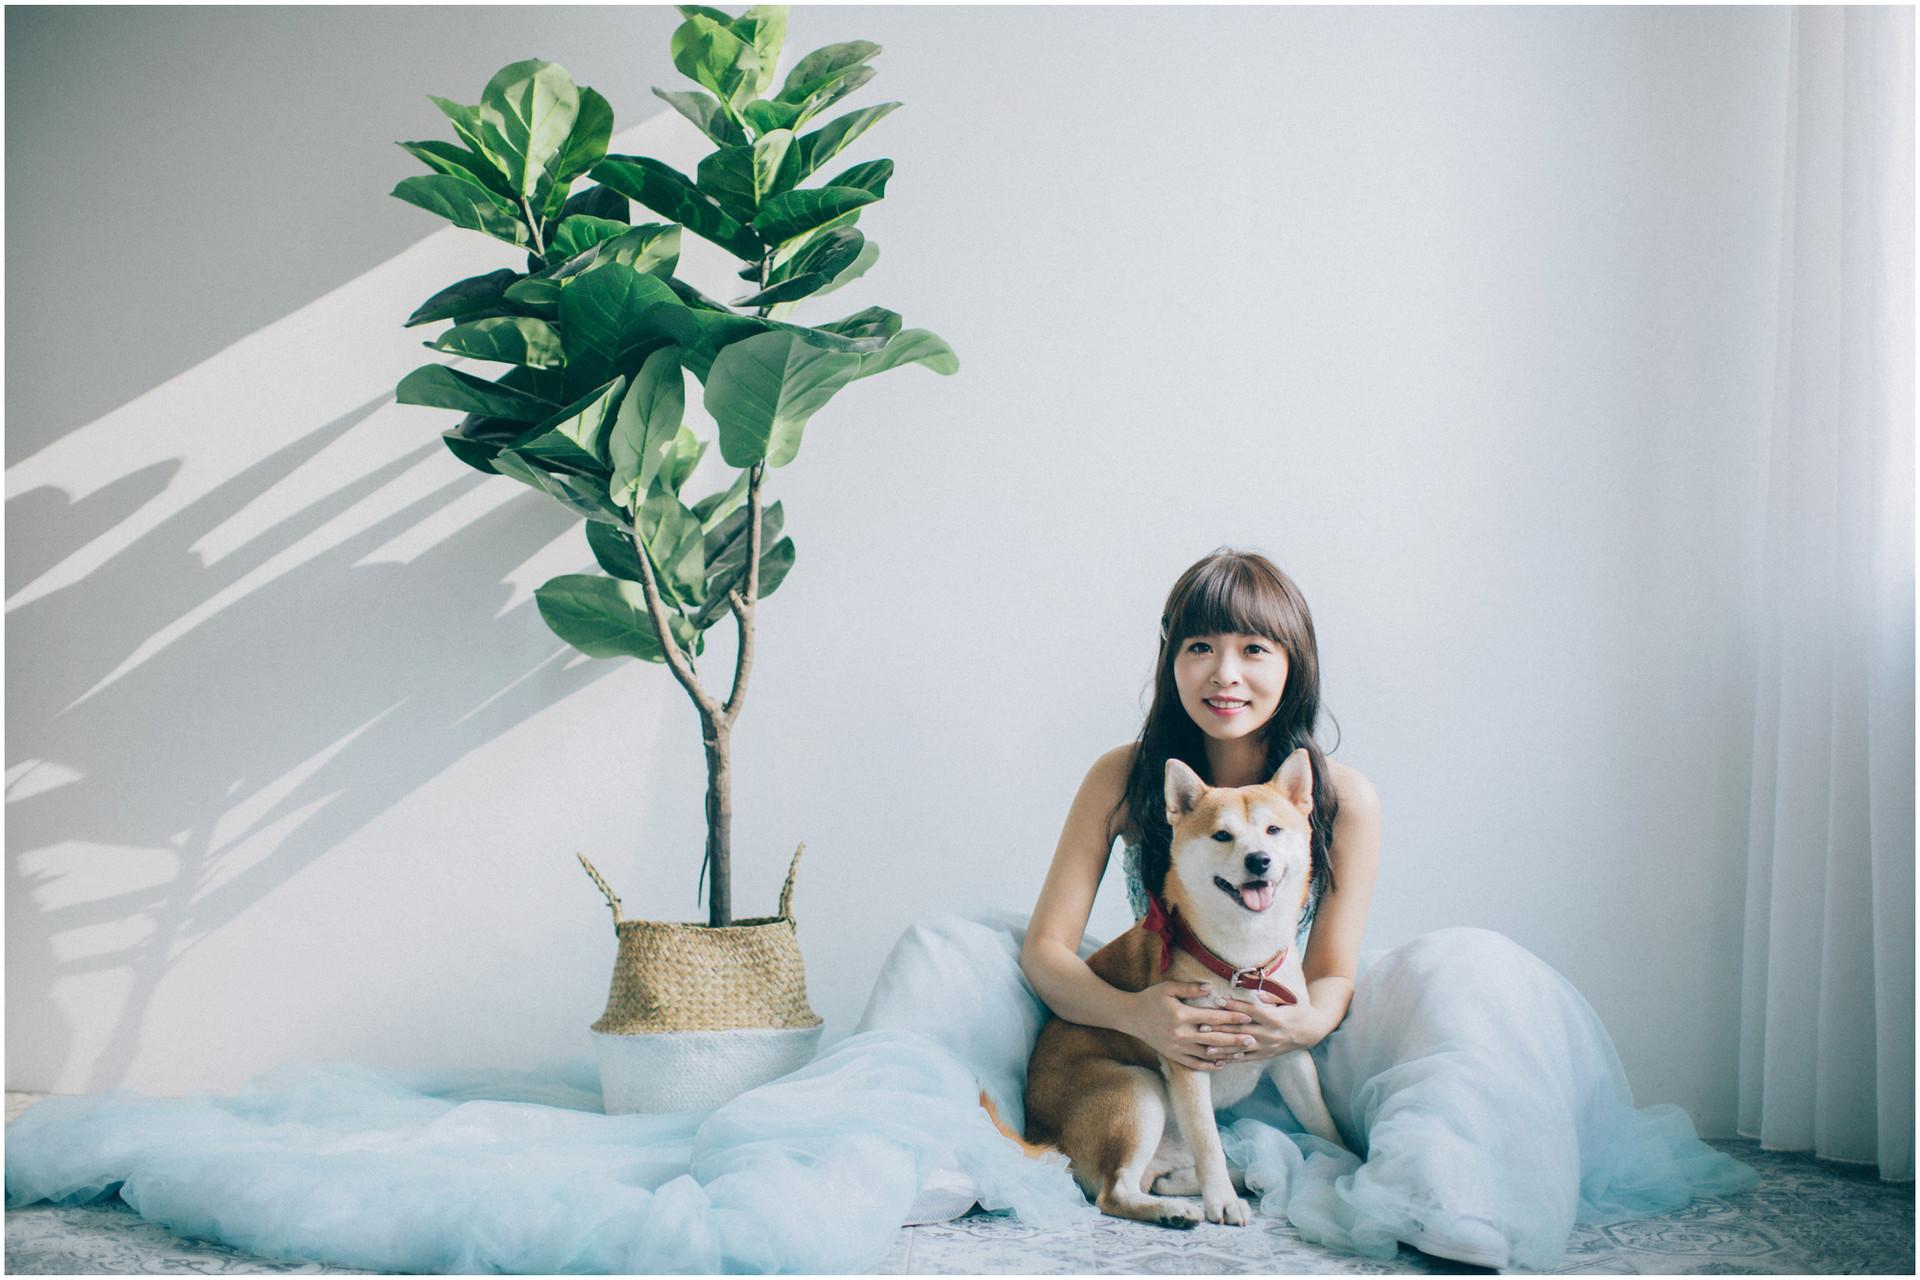 寵物婚紗 / 黑森林 / 華山藝文特區 / 擎天崗 / 自然系婚紗 / 素人婚紗